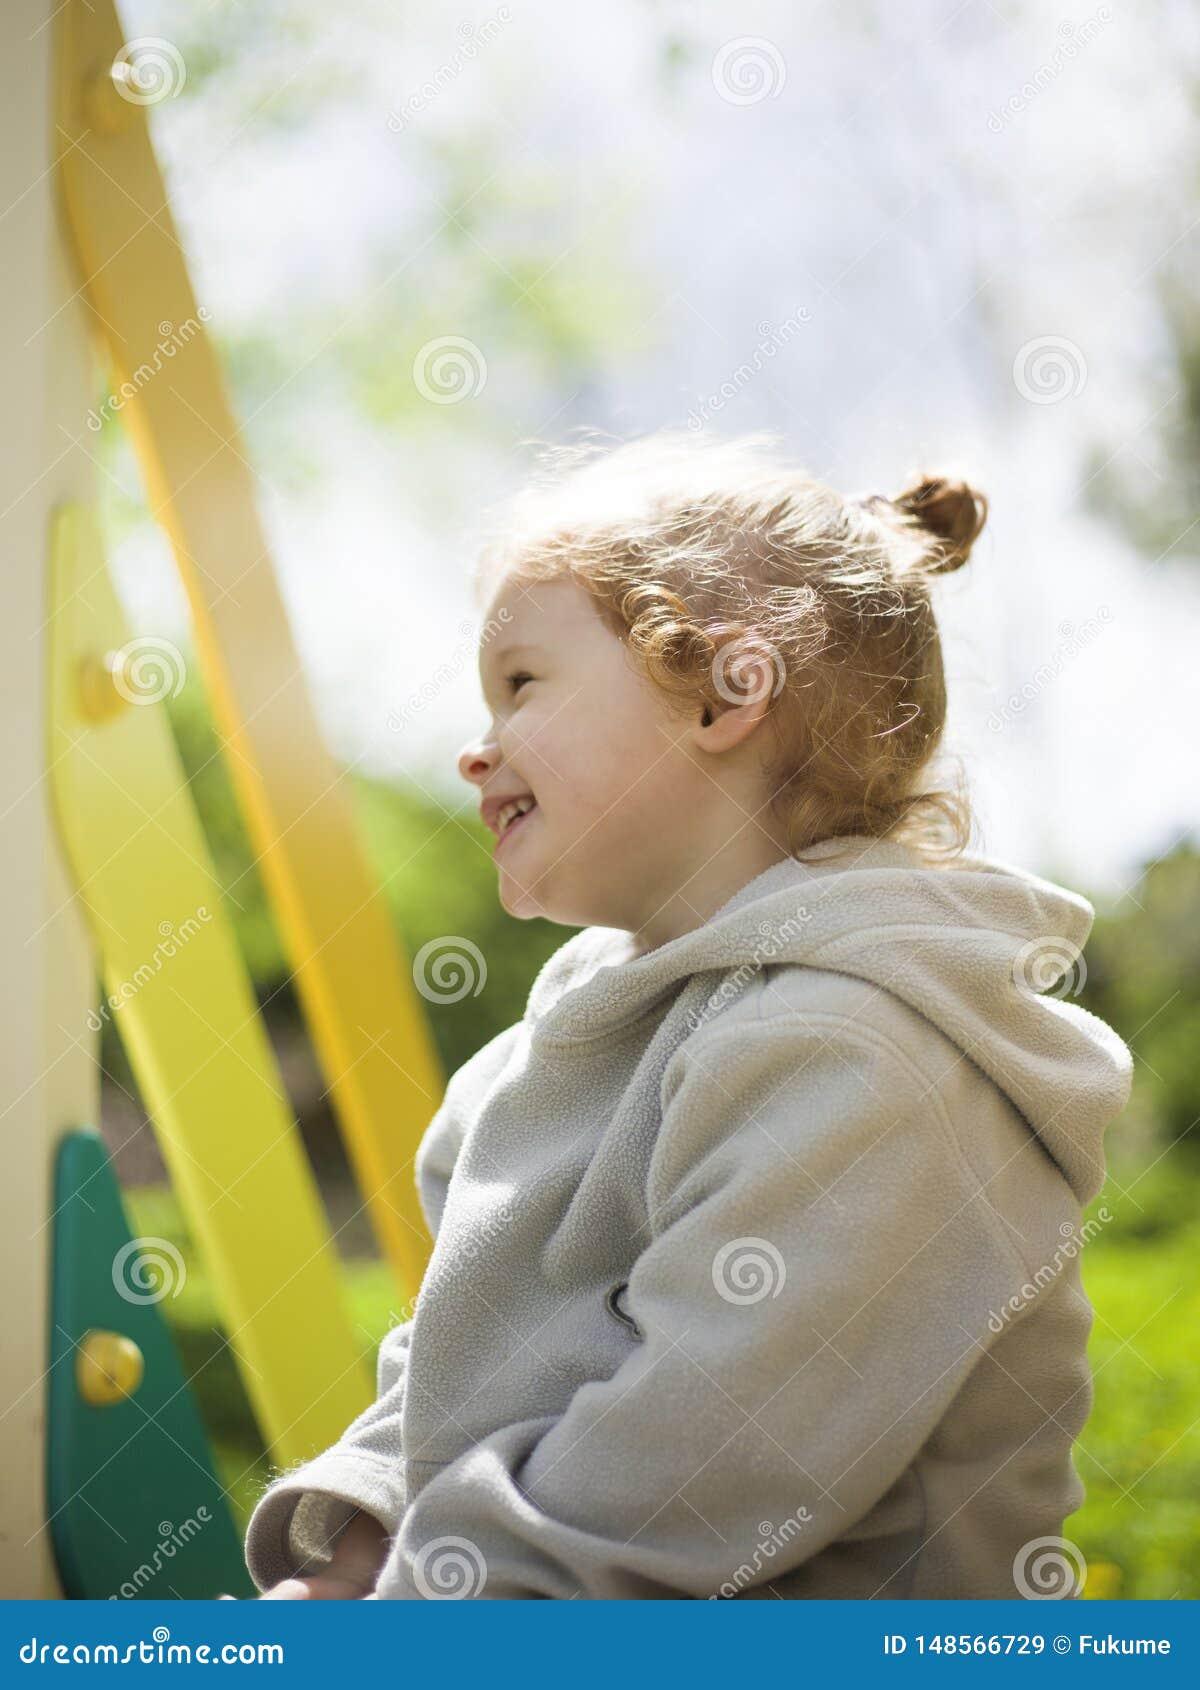 Немногое милая девушка сидит на дети сползает и греется в теплом солнце лета